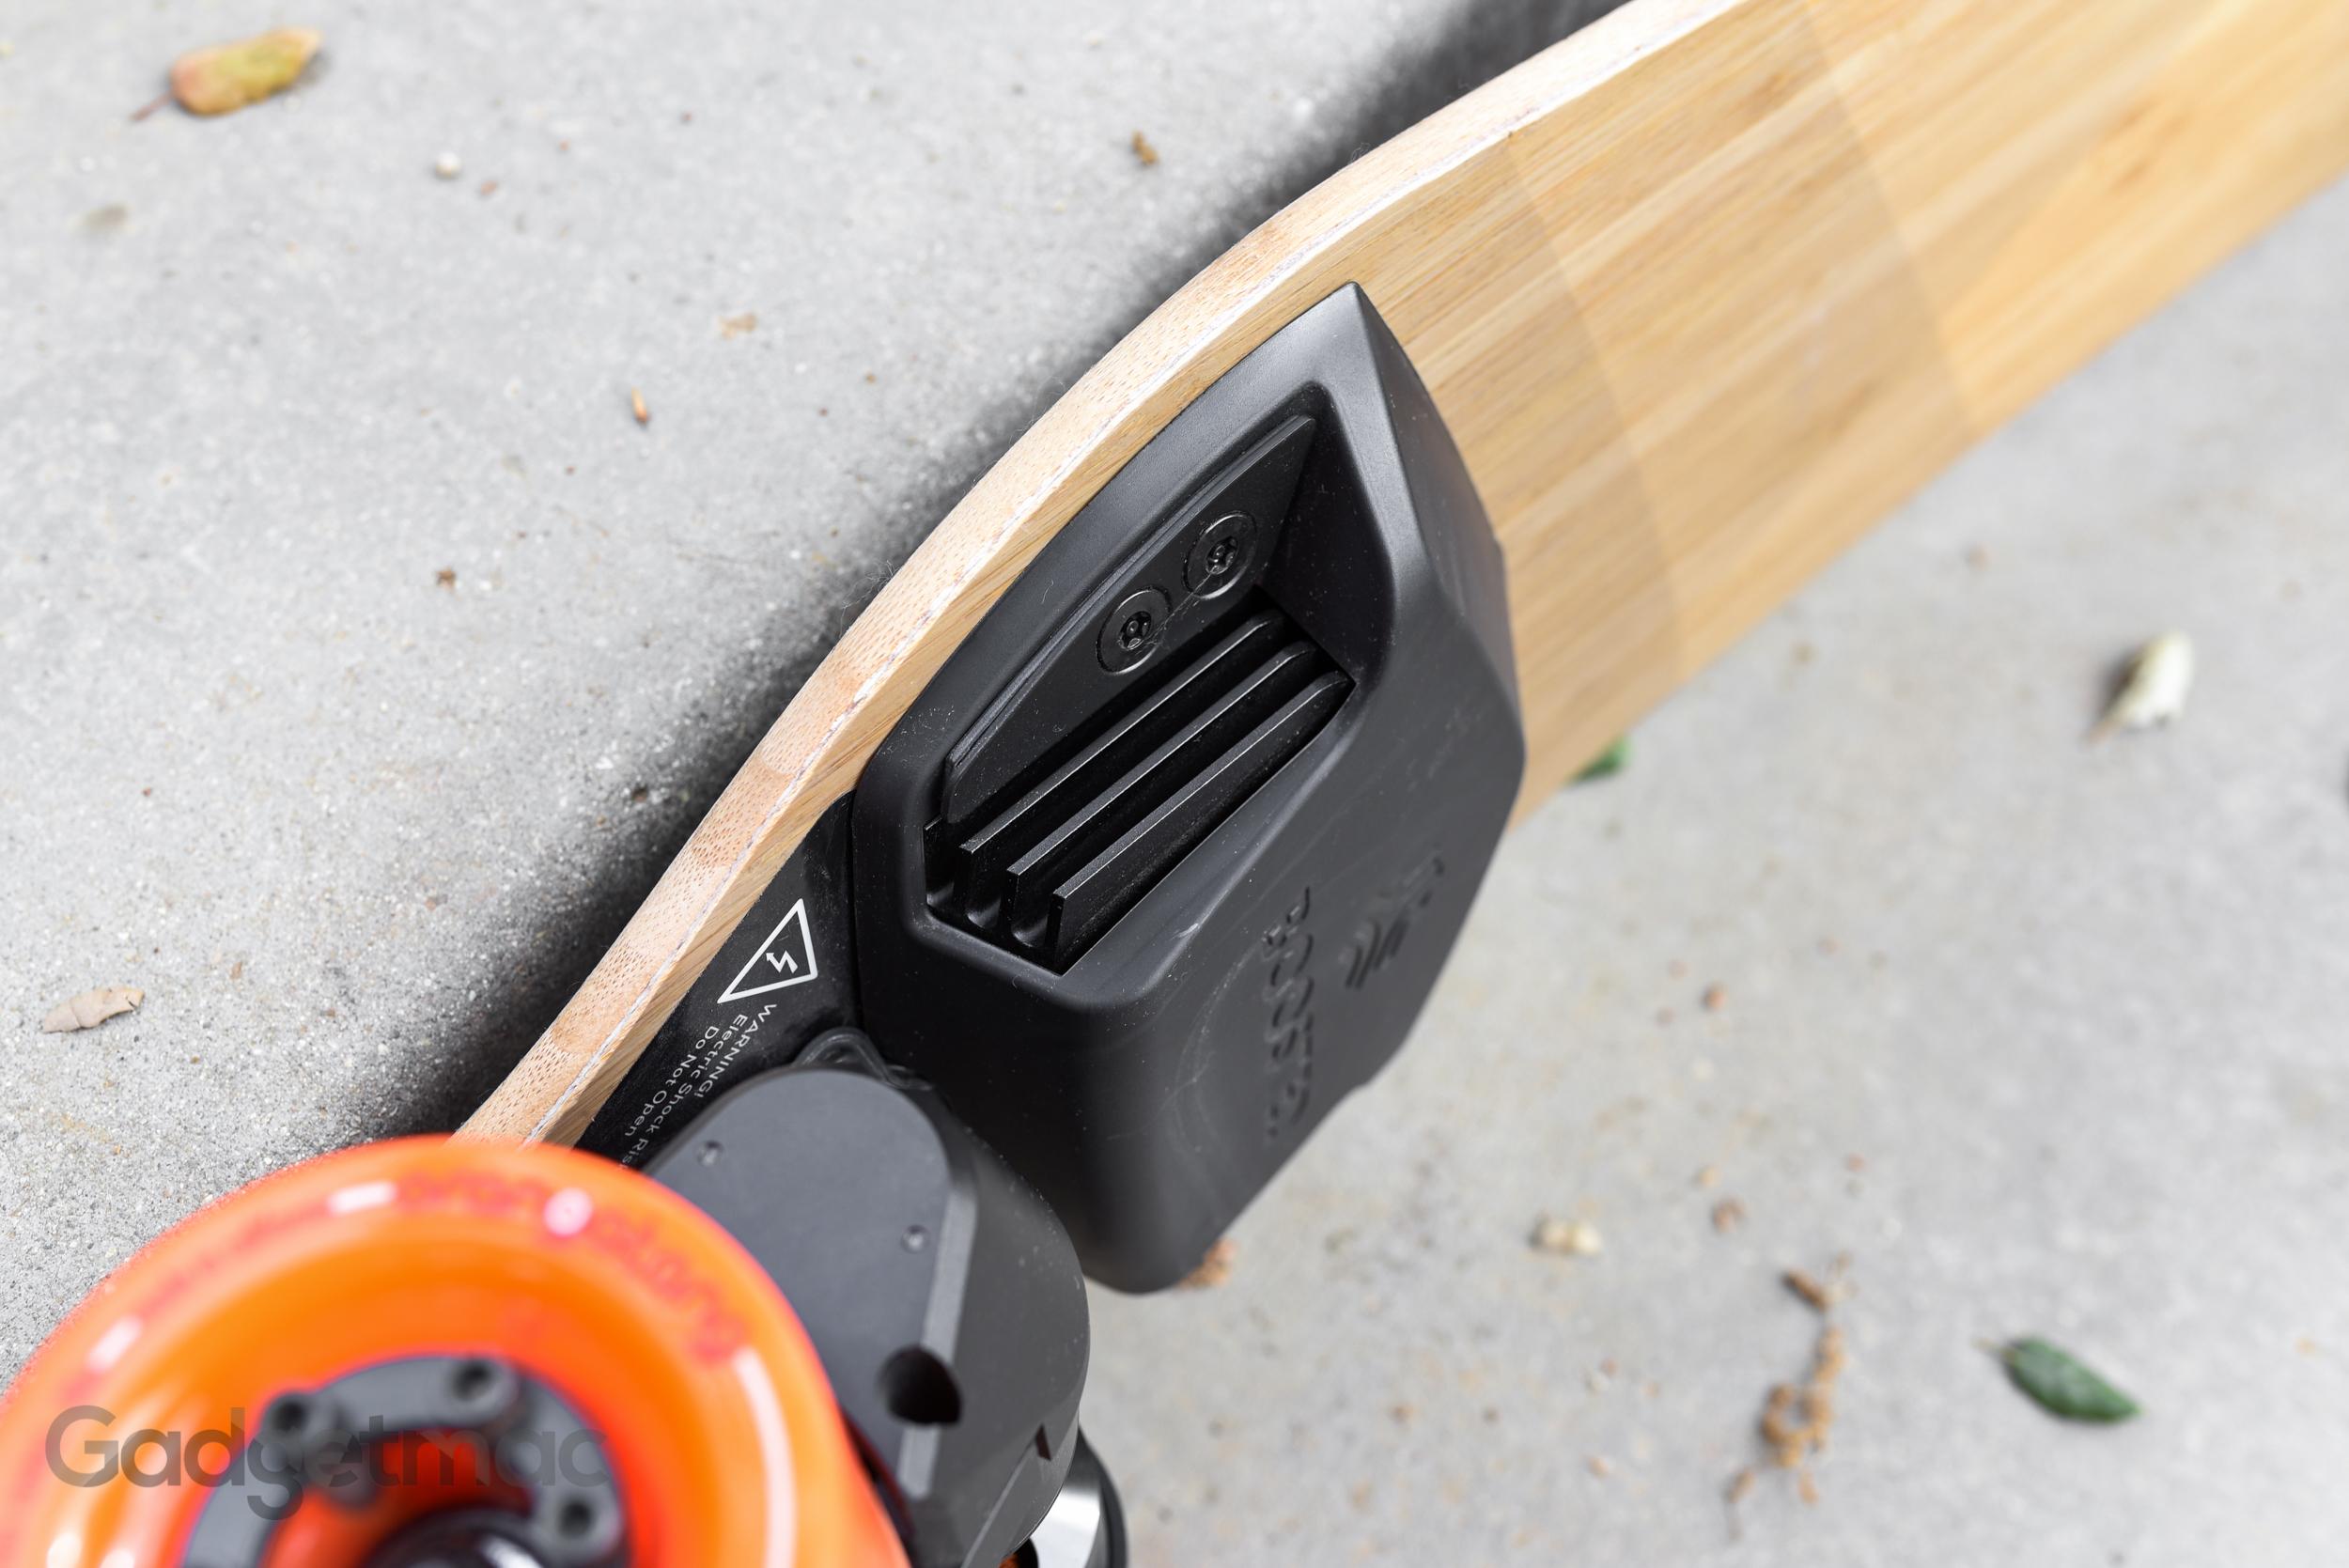 boosted-board-heat-sink.jpg